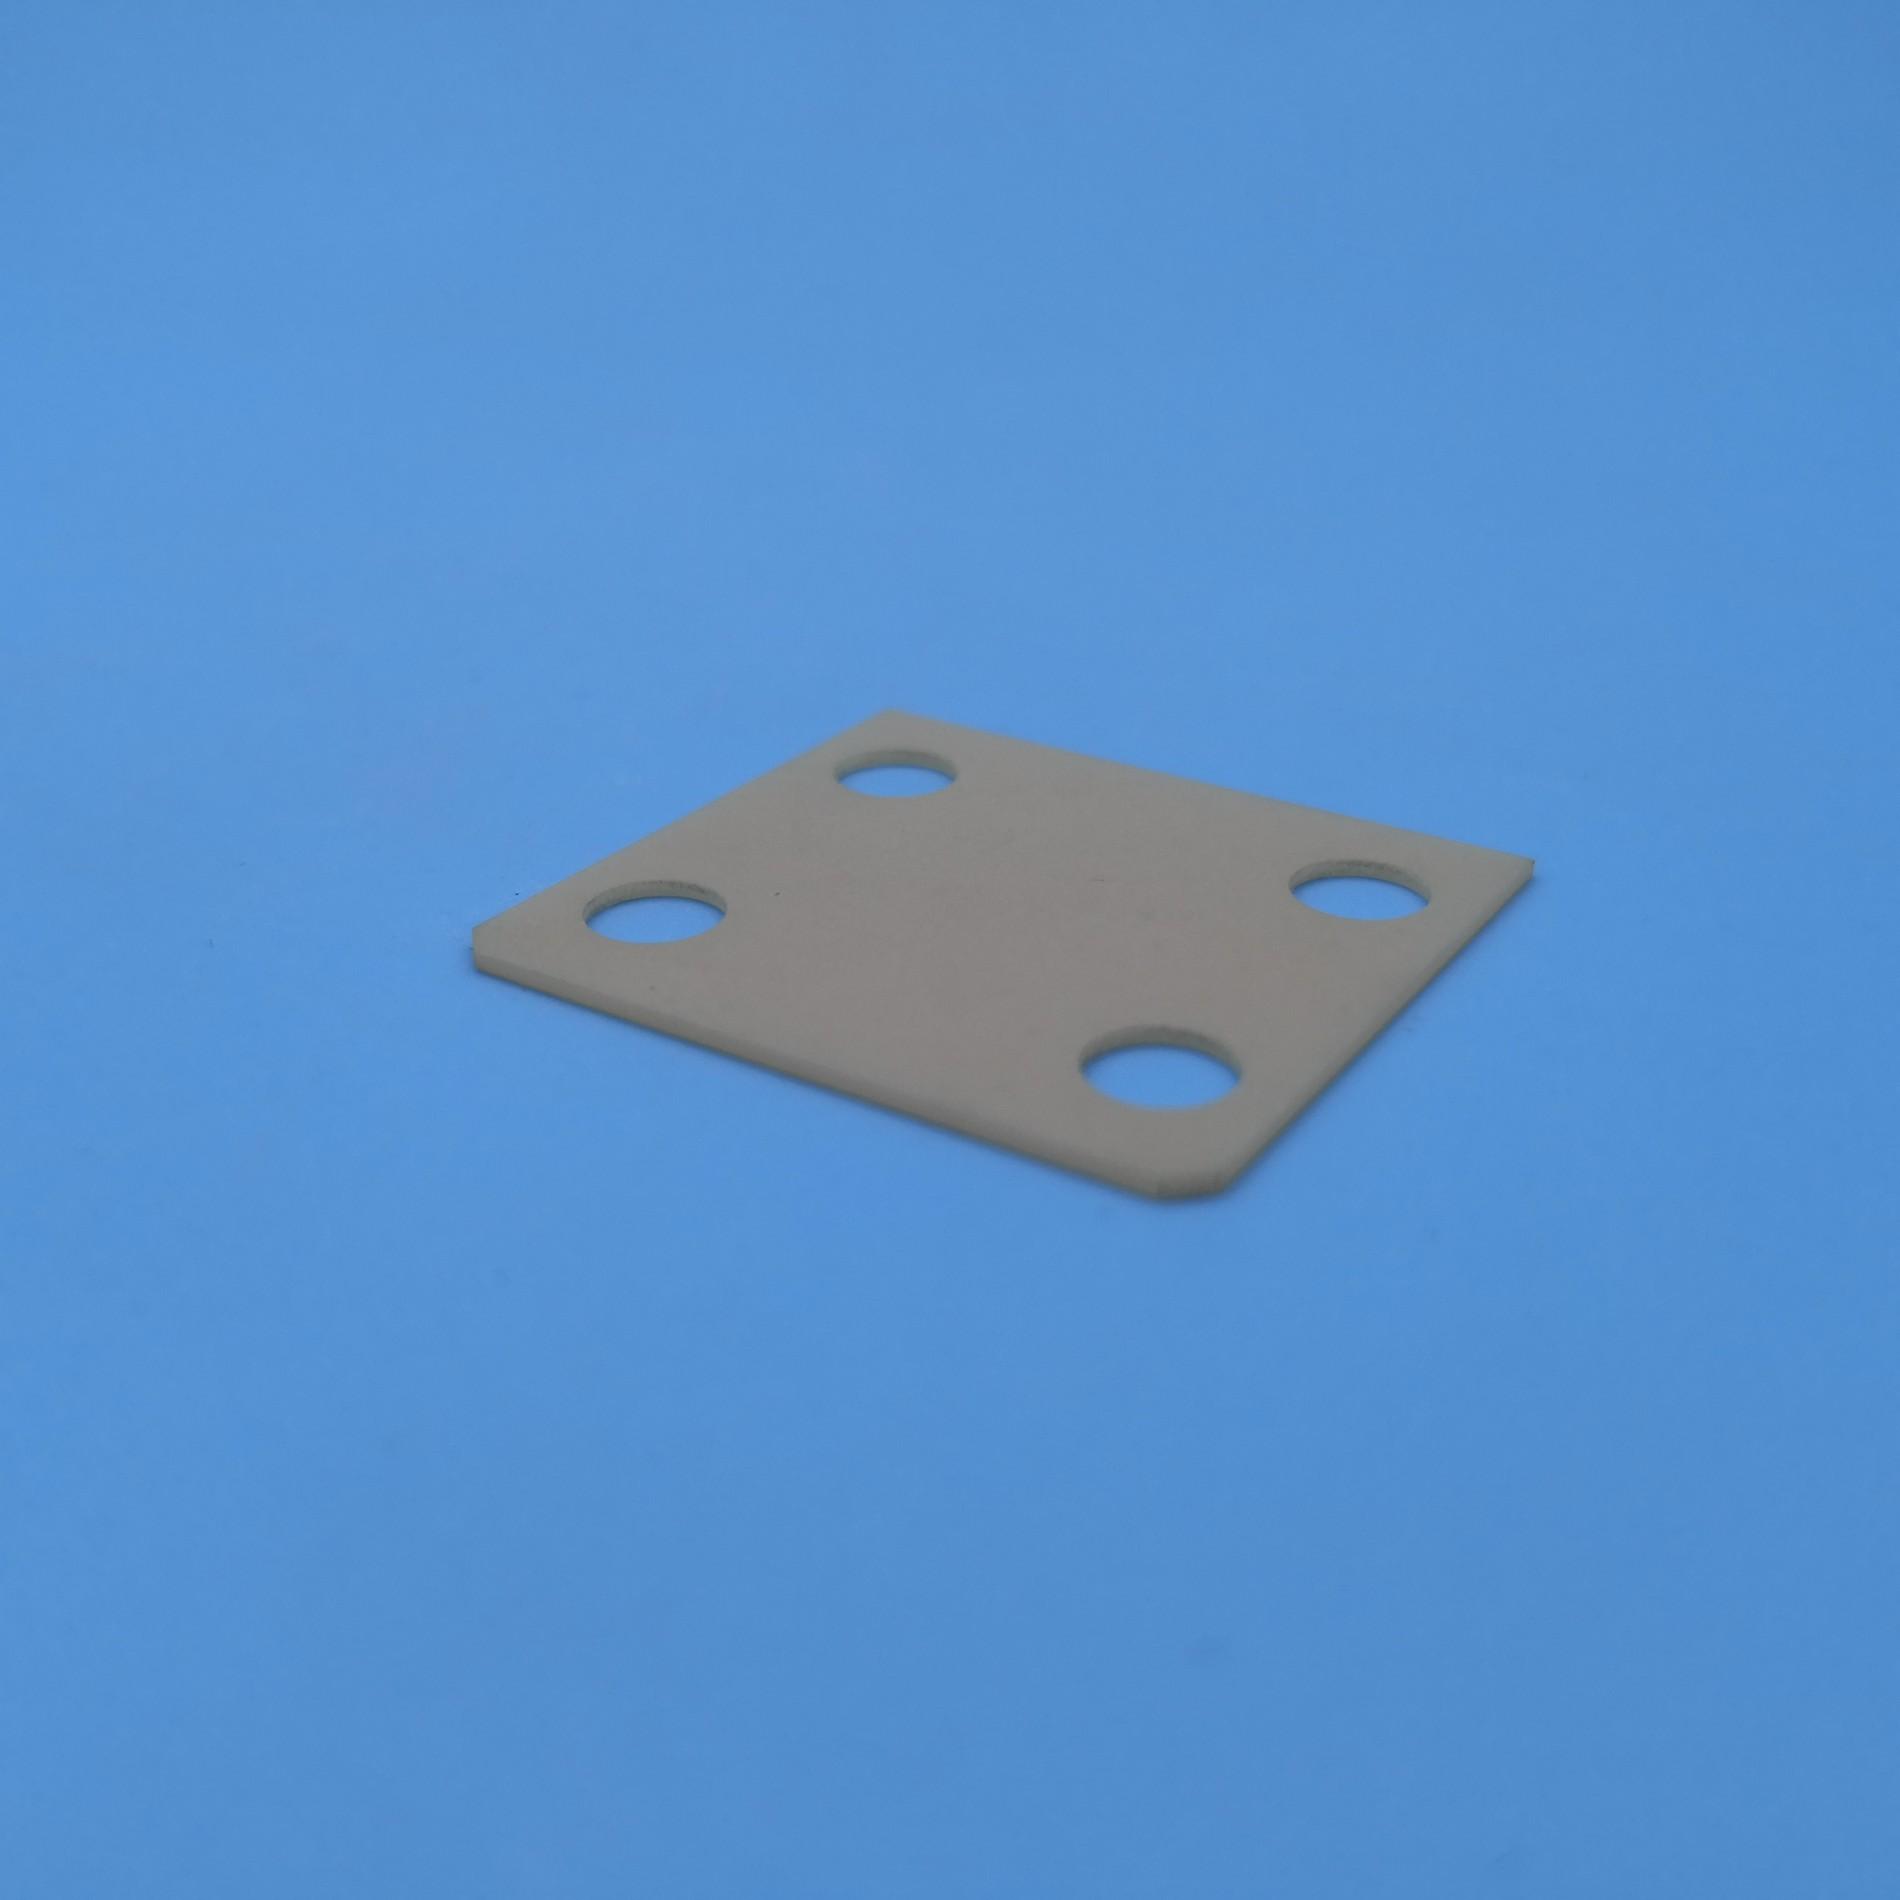 Aluminum Nitride Ceramic Heater Manufacturers, Aluminum Nitride Ceramic Heater Factory, Supply Aluminum Nitride Ceramic Heater